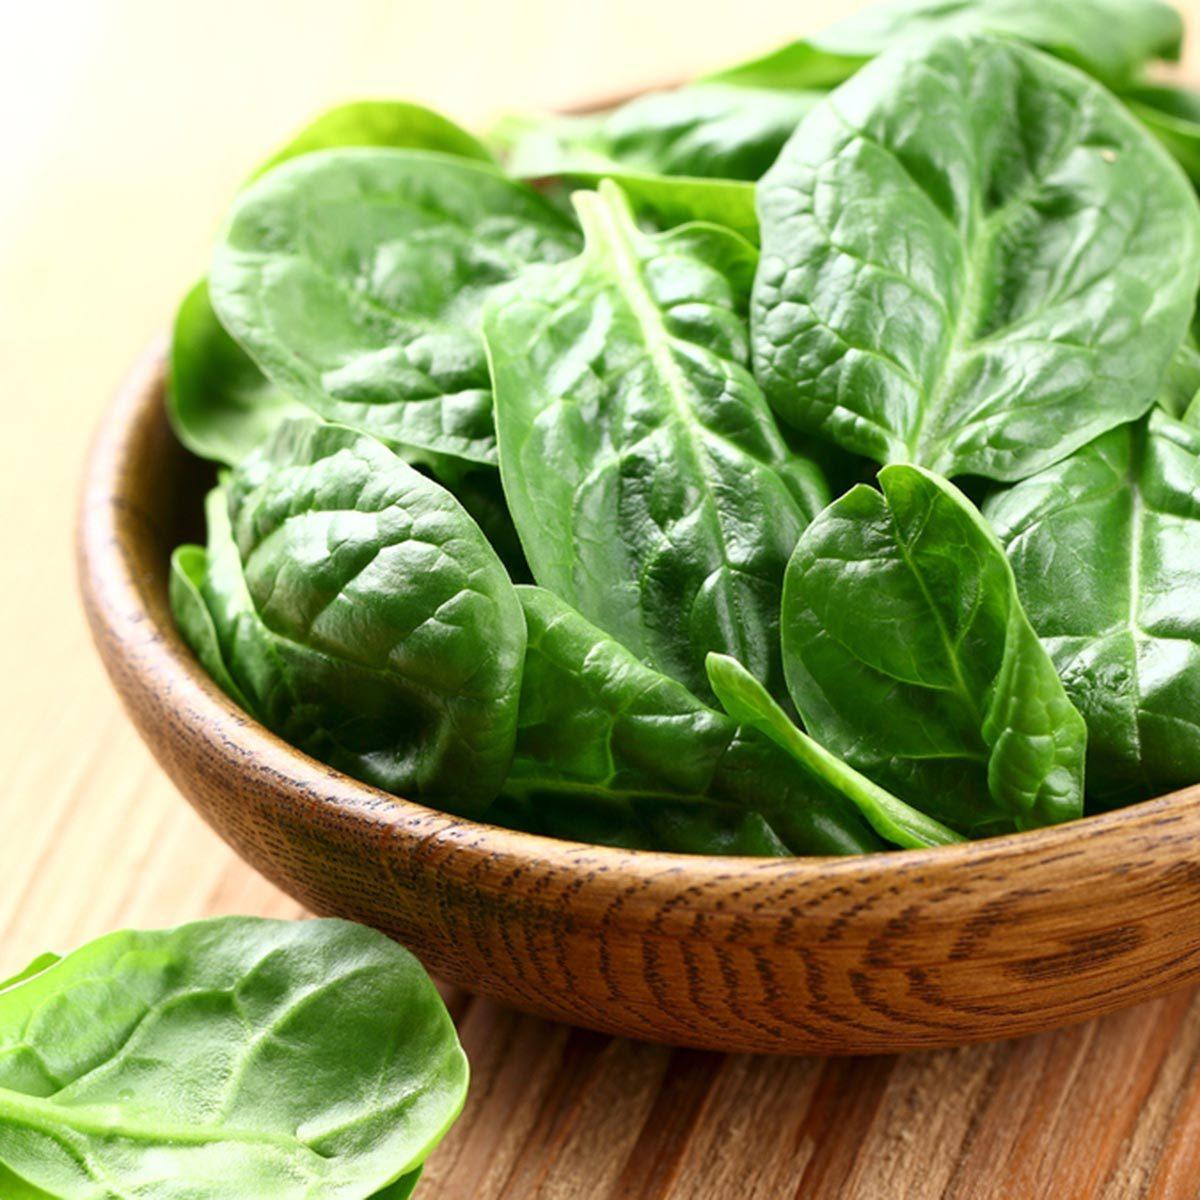 Des protéines végétales peuvent être ajoutées à votre smoothie avec du chou frisé.